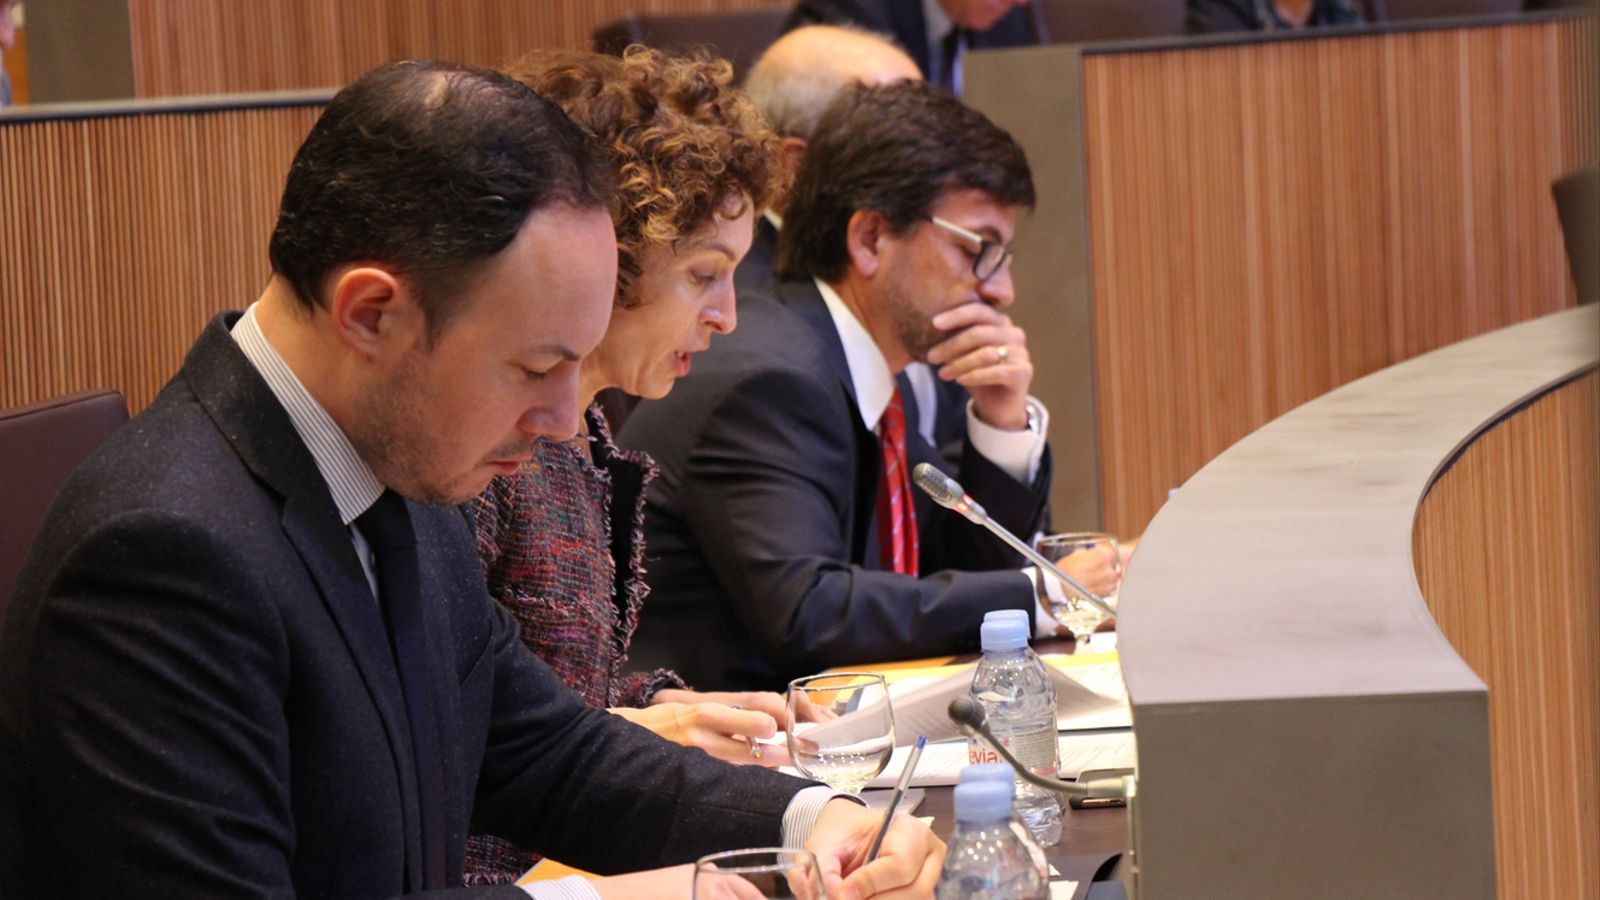 La ministra d'Afers Exteriors, Maria Ubach (al centre), durant la seva intervenció. / M. M. (ANA)